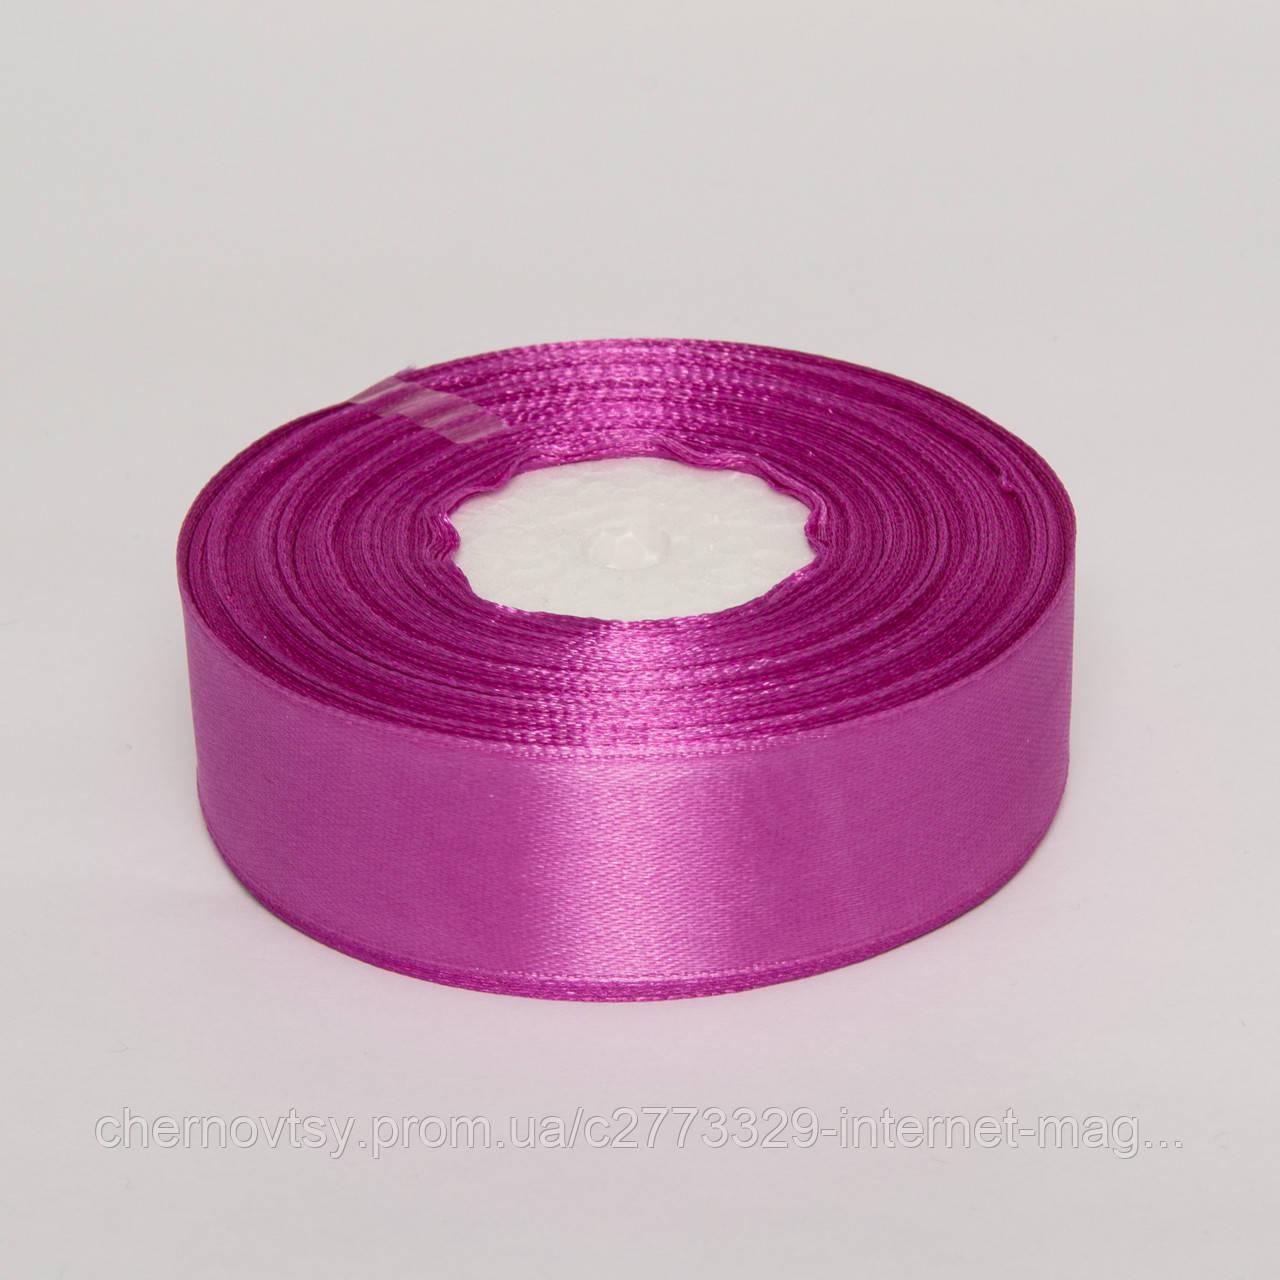 Лента атлас 0.9 см, 33 м, № 65 Светло-фиолетовая